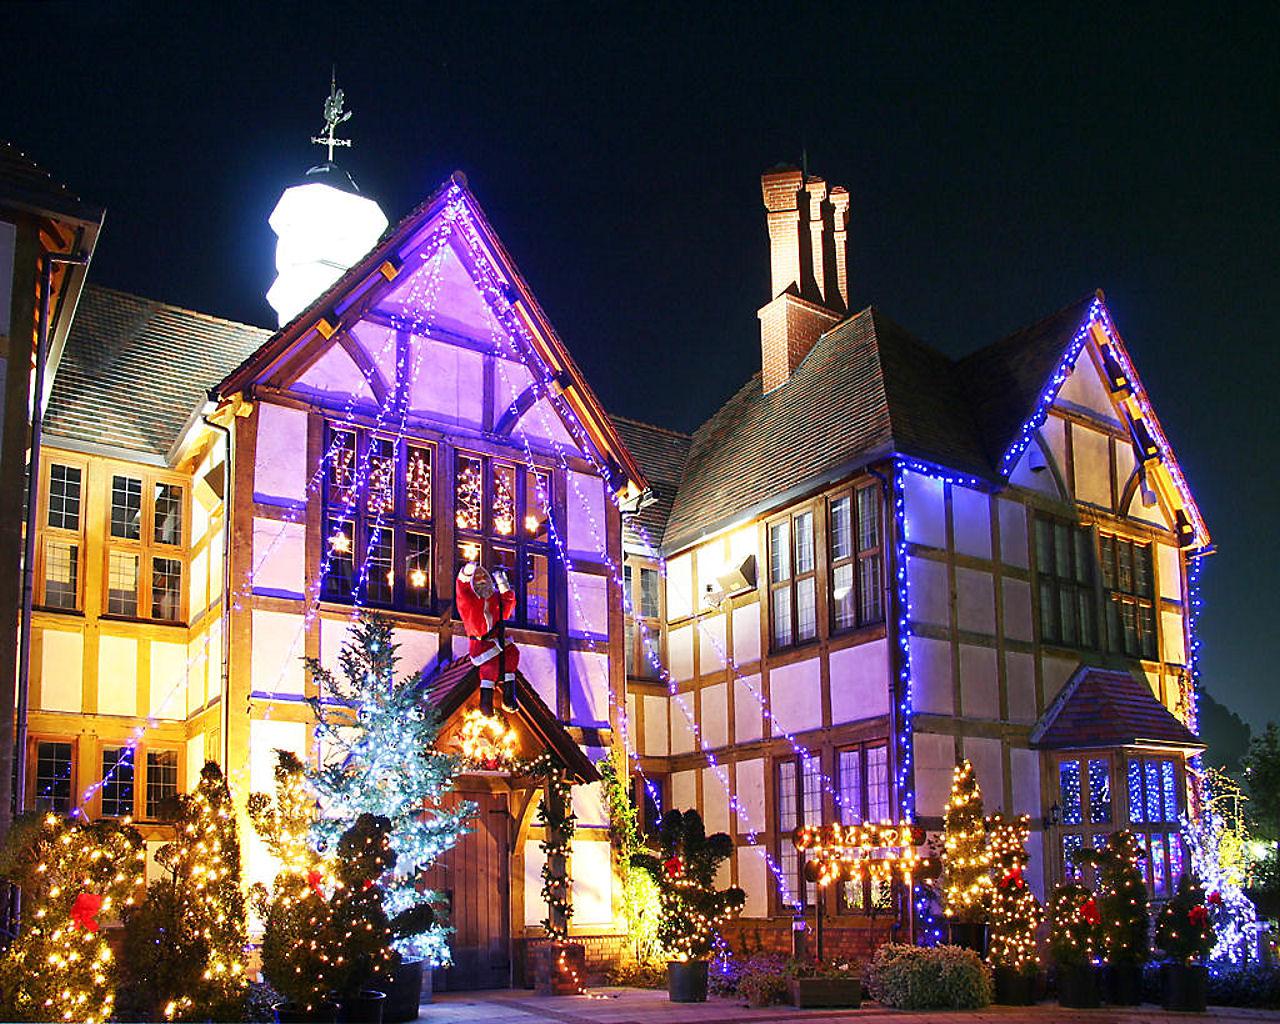 クリスマス夜景の壁紙 Sxga 1280 1024 兵庫と神戸の写真ブログ